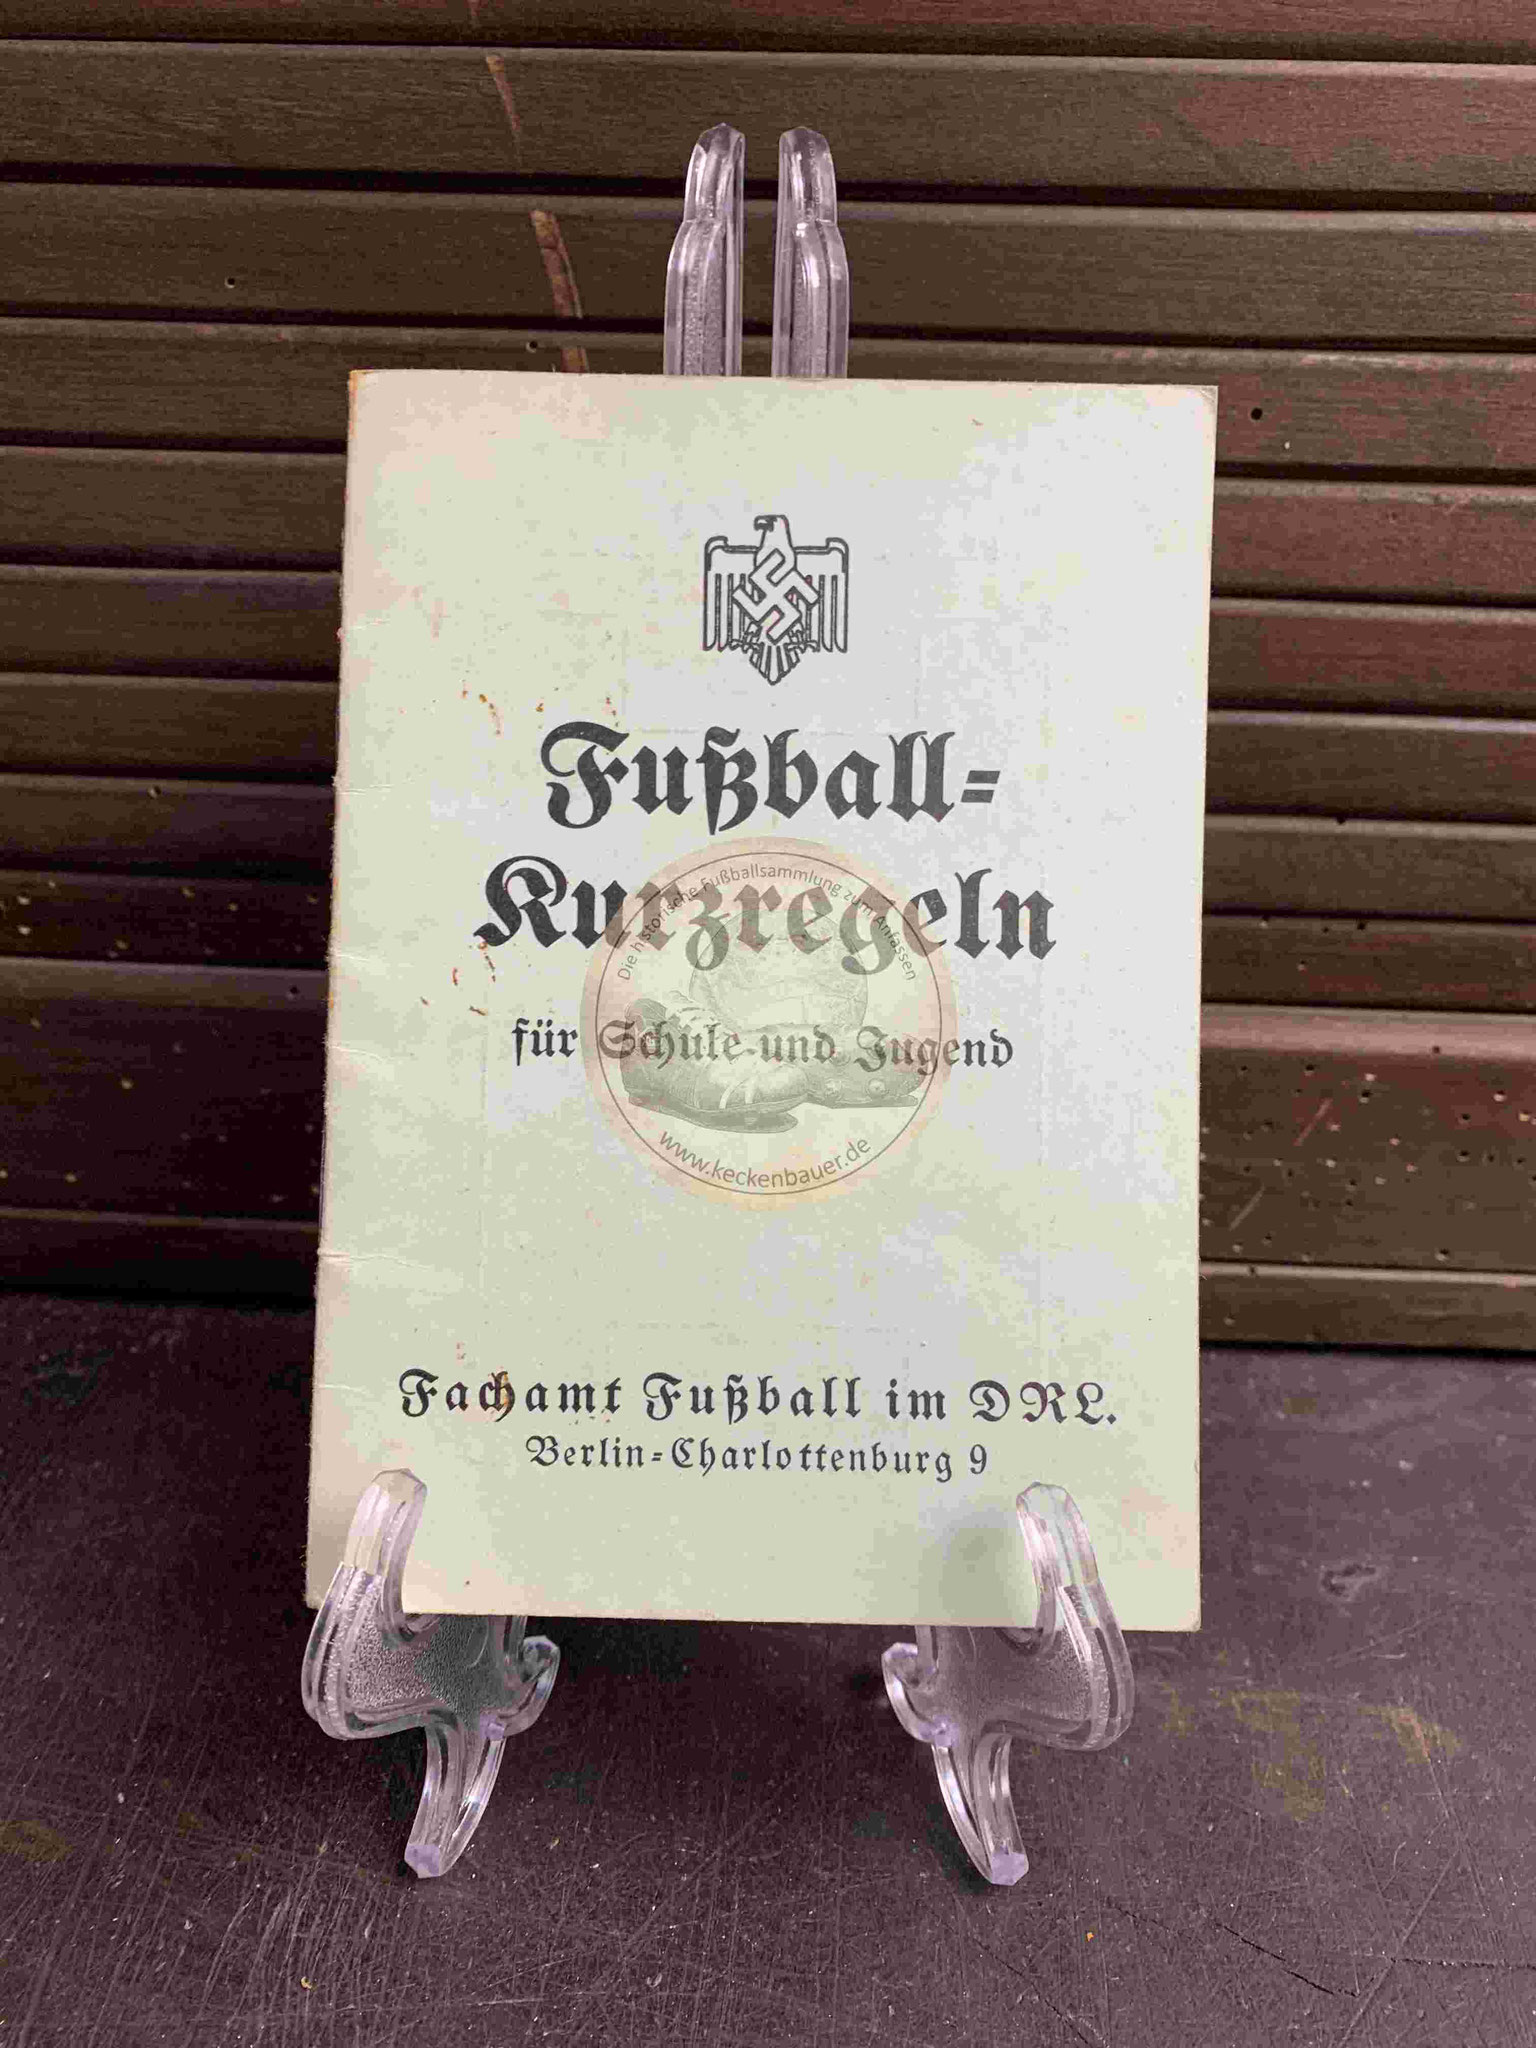 Fußball Kurzregeln für Schule und Jugend vom Fachamt Fußball im DRL (Deutscher Reichsbund für Leibesübungen) aus dem Jahr 1937